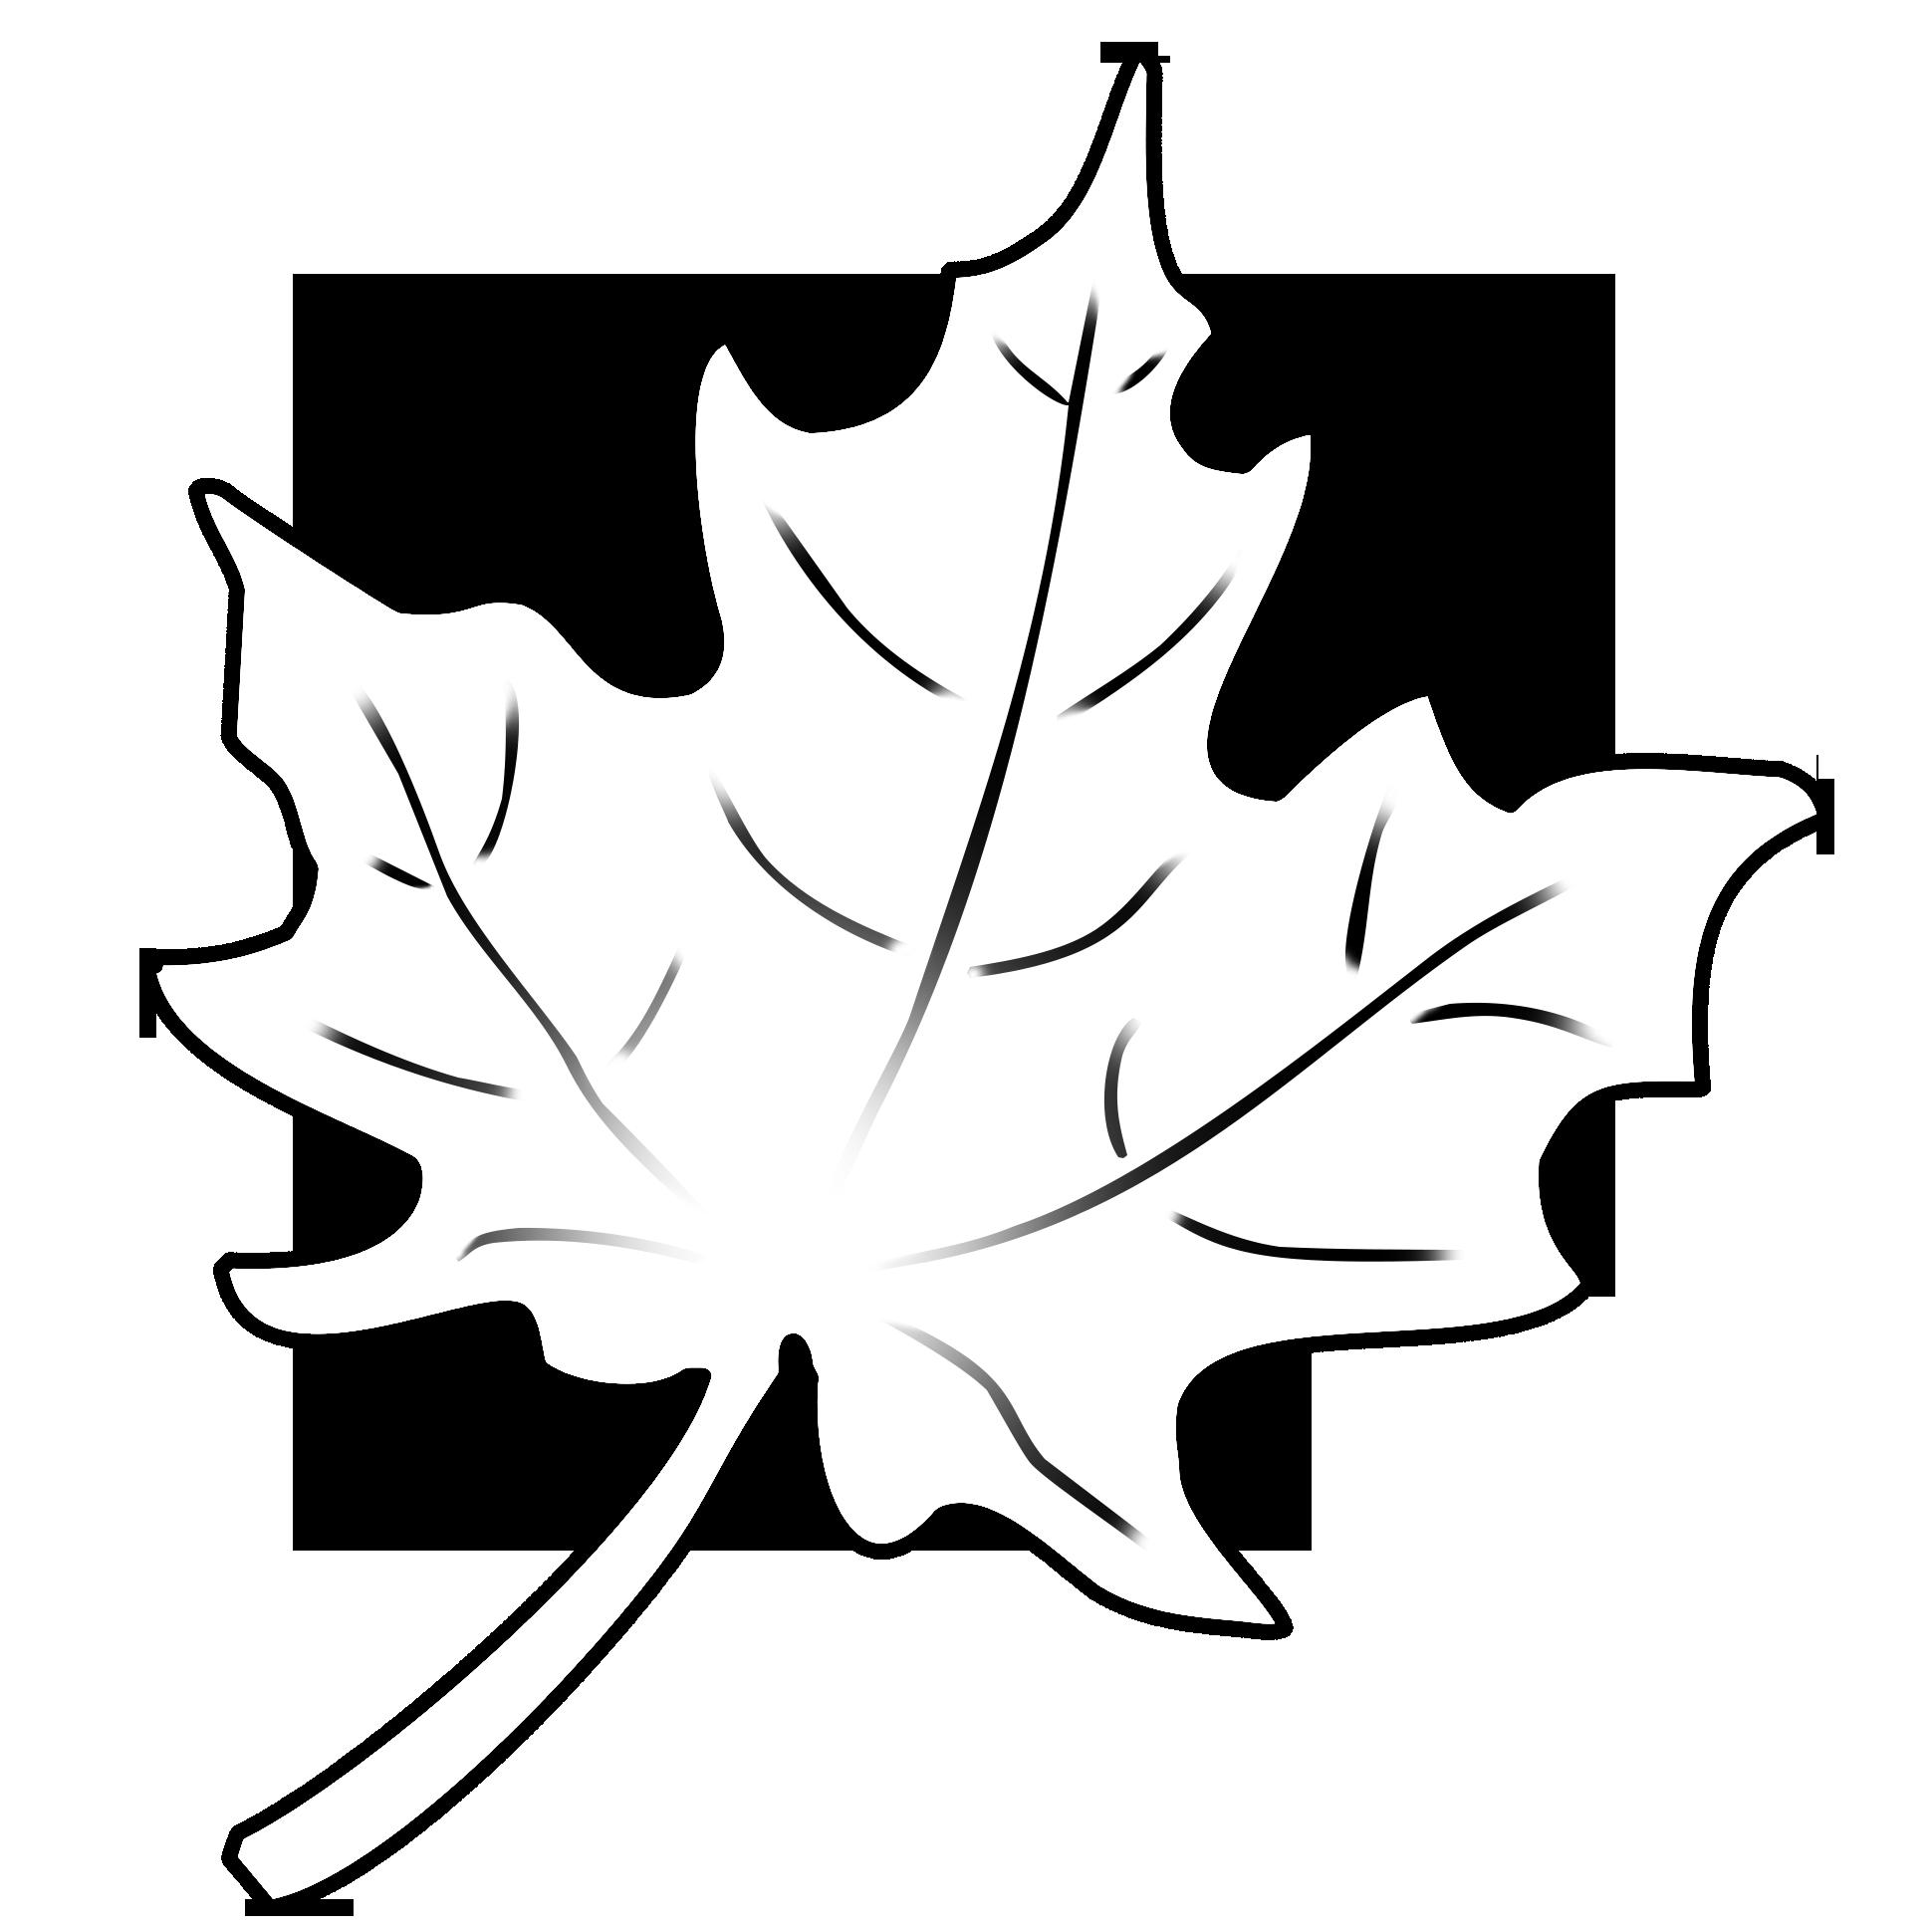 herbstblaetter vorlagen 2   Leaf drawing, Fall leaves ...